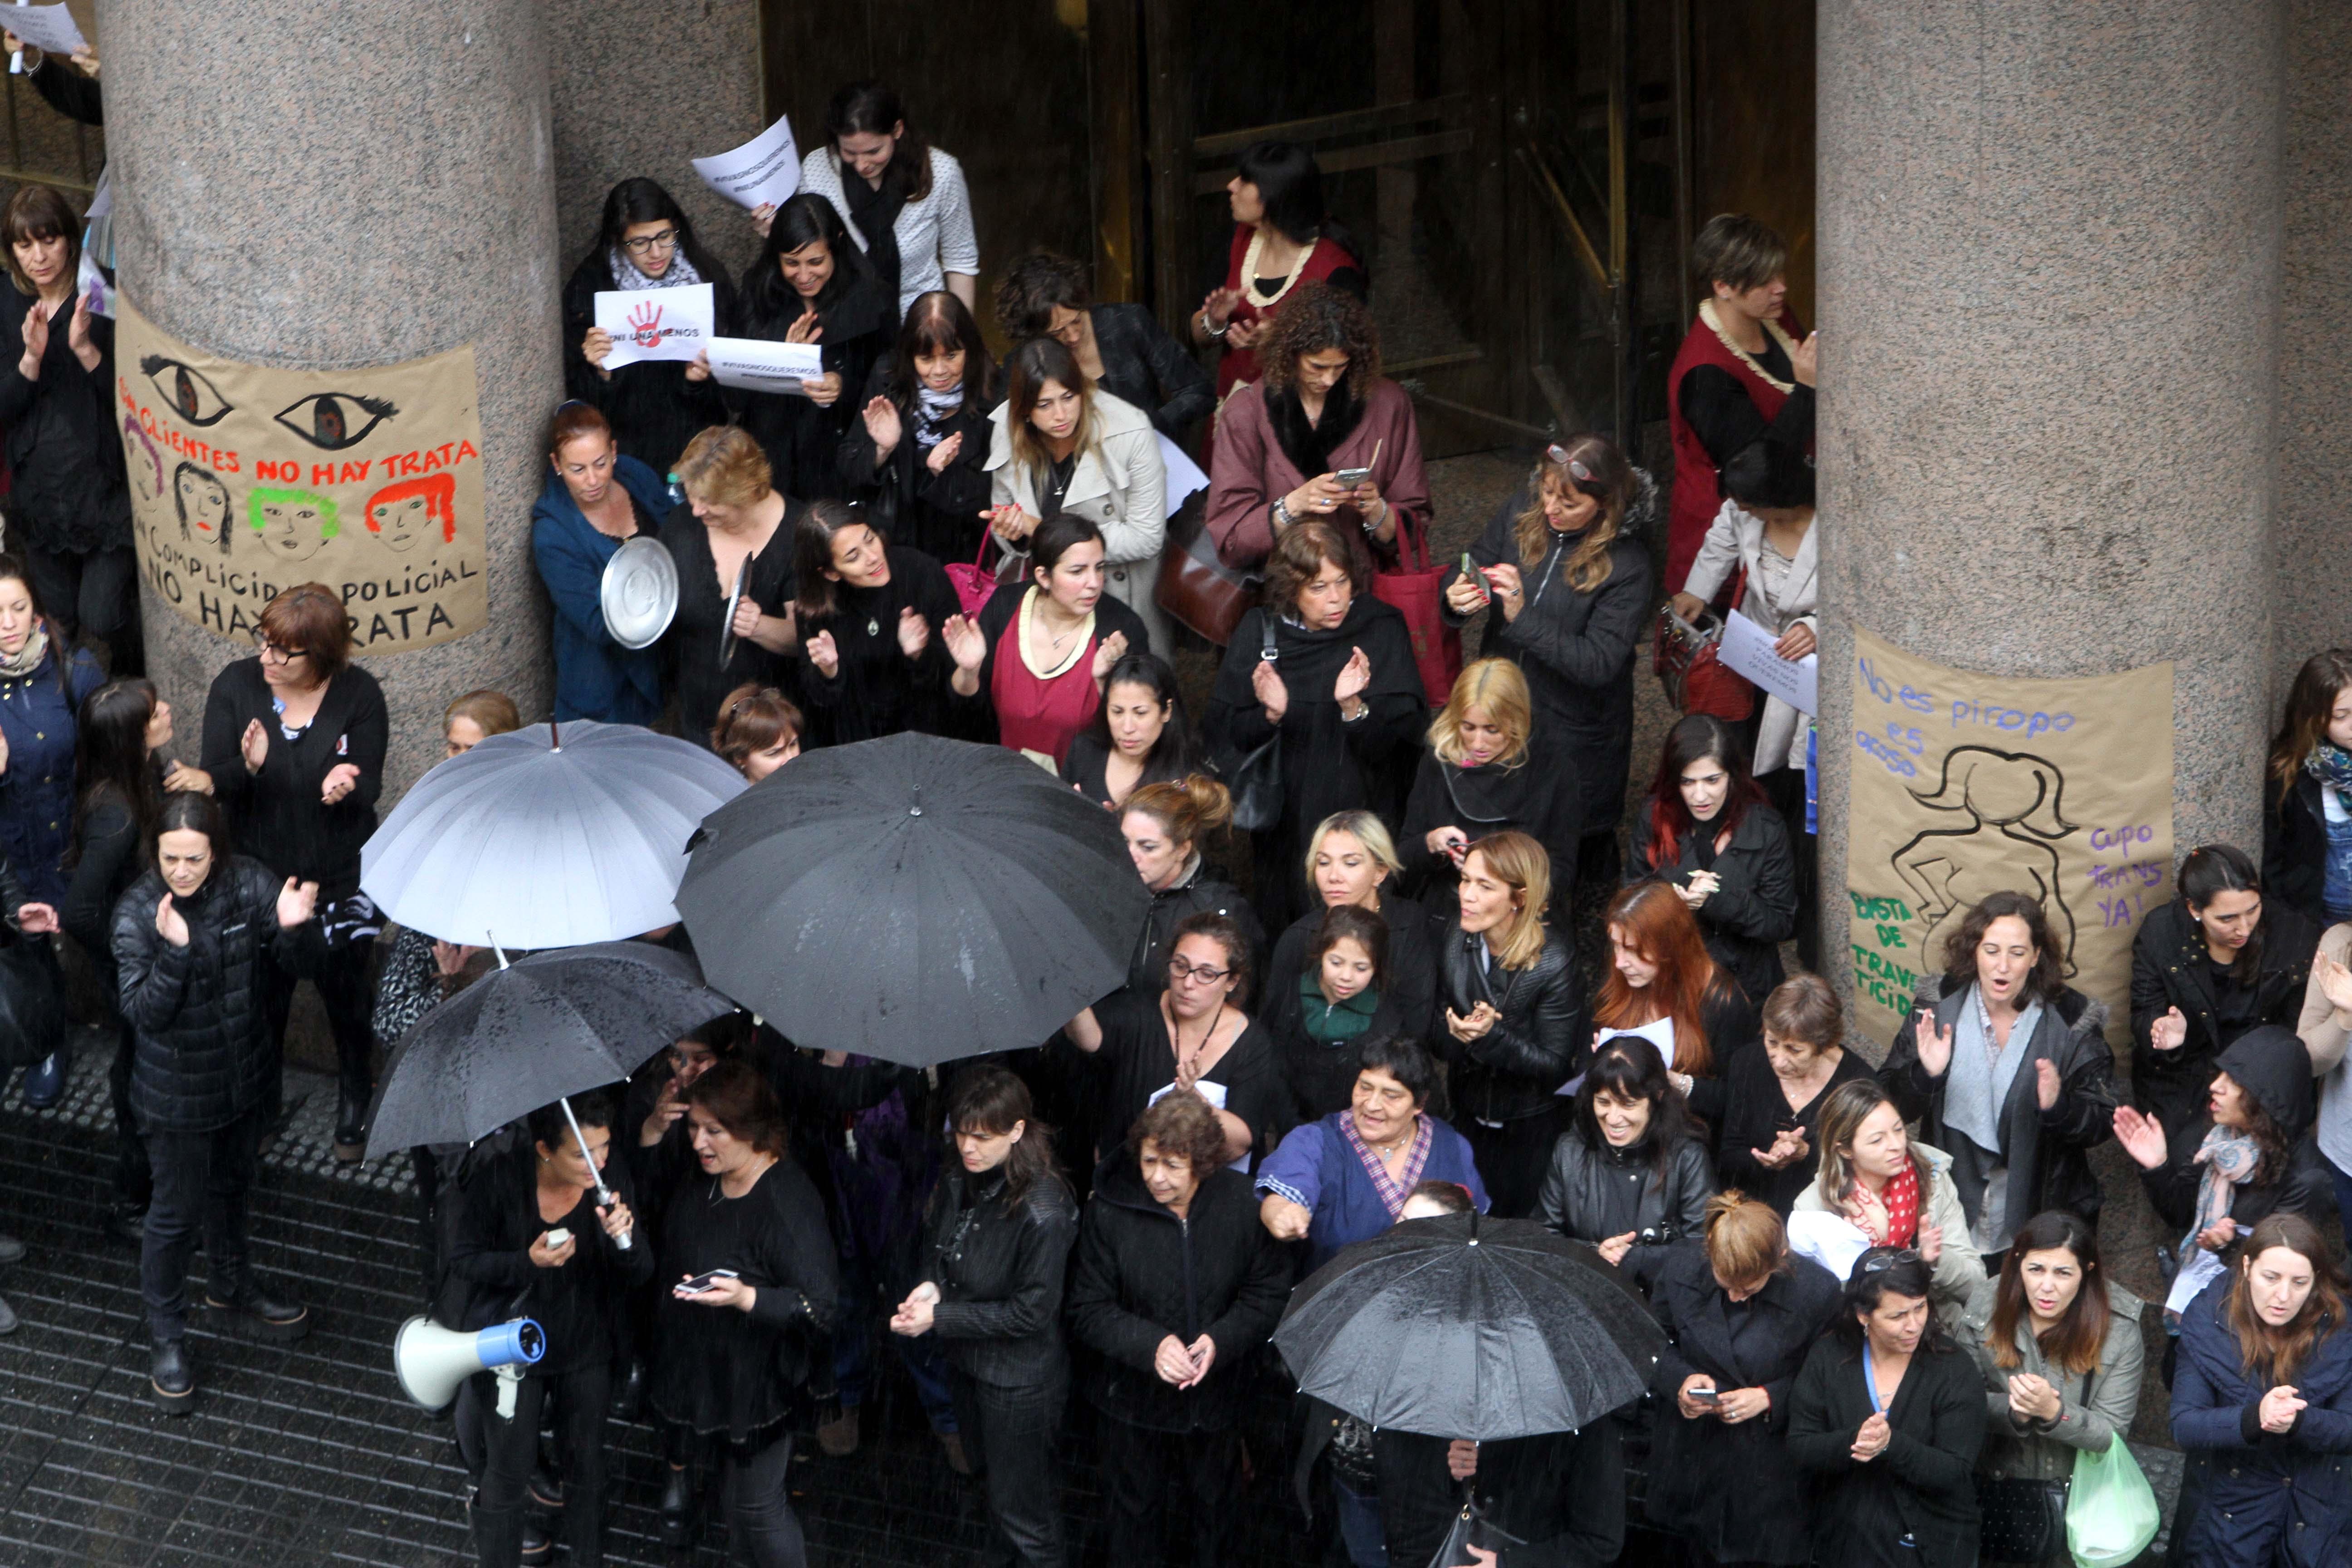 """DYN17, BUENOS AIRES 19/10/16, MUJERES PARA AL GRITO """"NI UNA MENOS"""" EN EL CENTRO PORTEÑO.FOTO:DYN/CARLOS GRECO."""